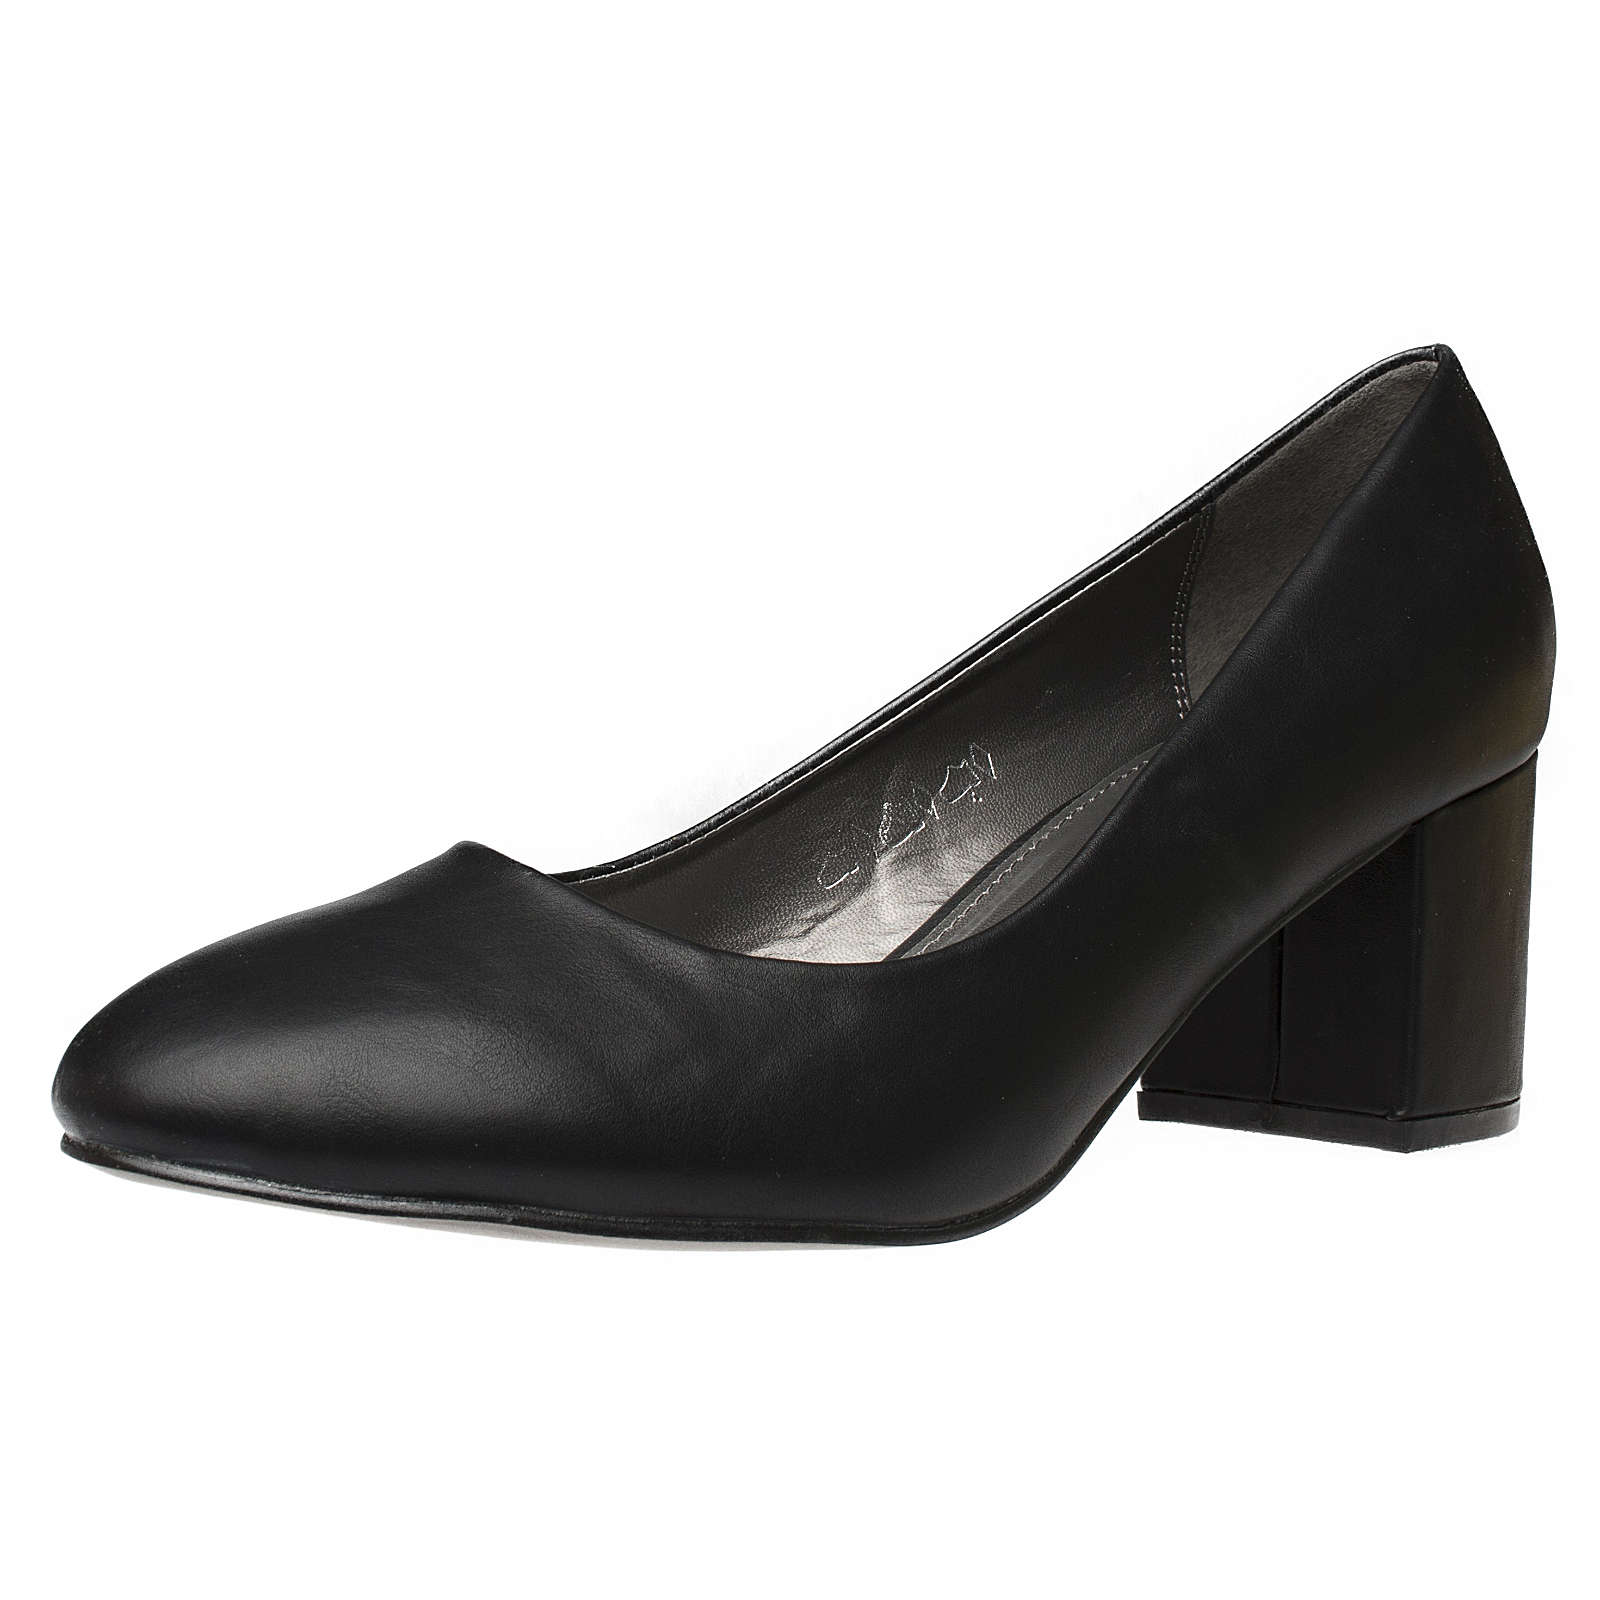 Fitters Footwear That Fits Pump Sesy Klassische Pumps schwarz Damen Gr. 44